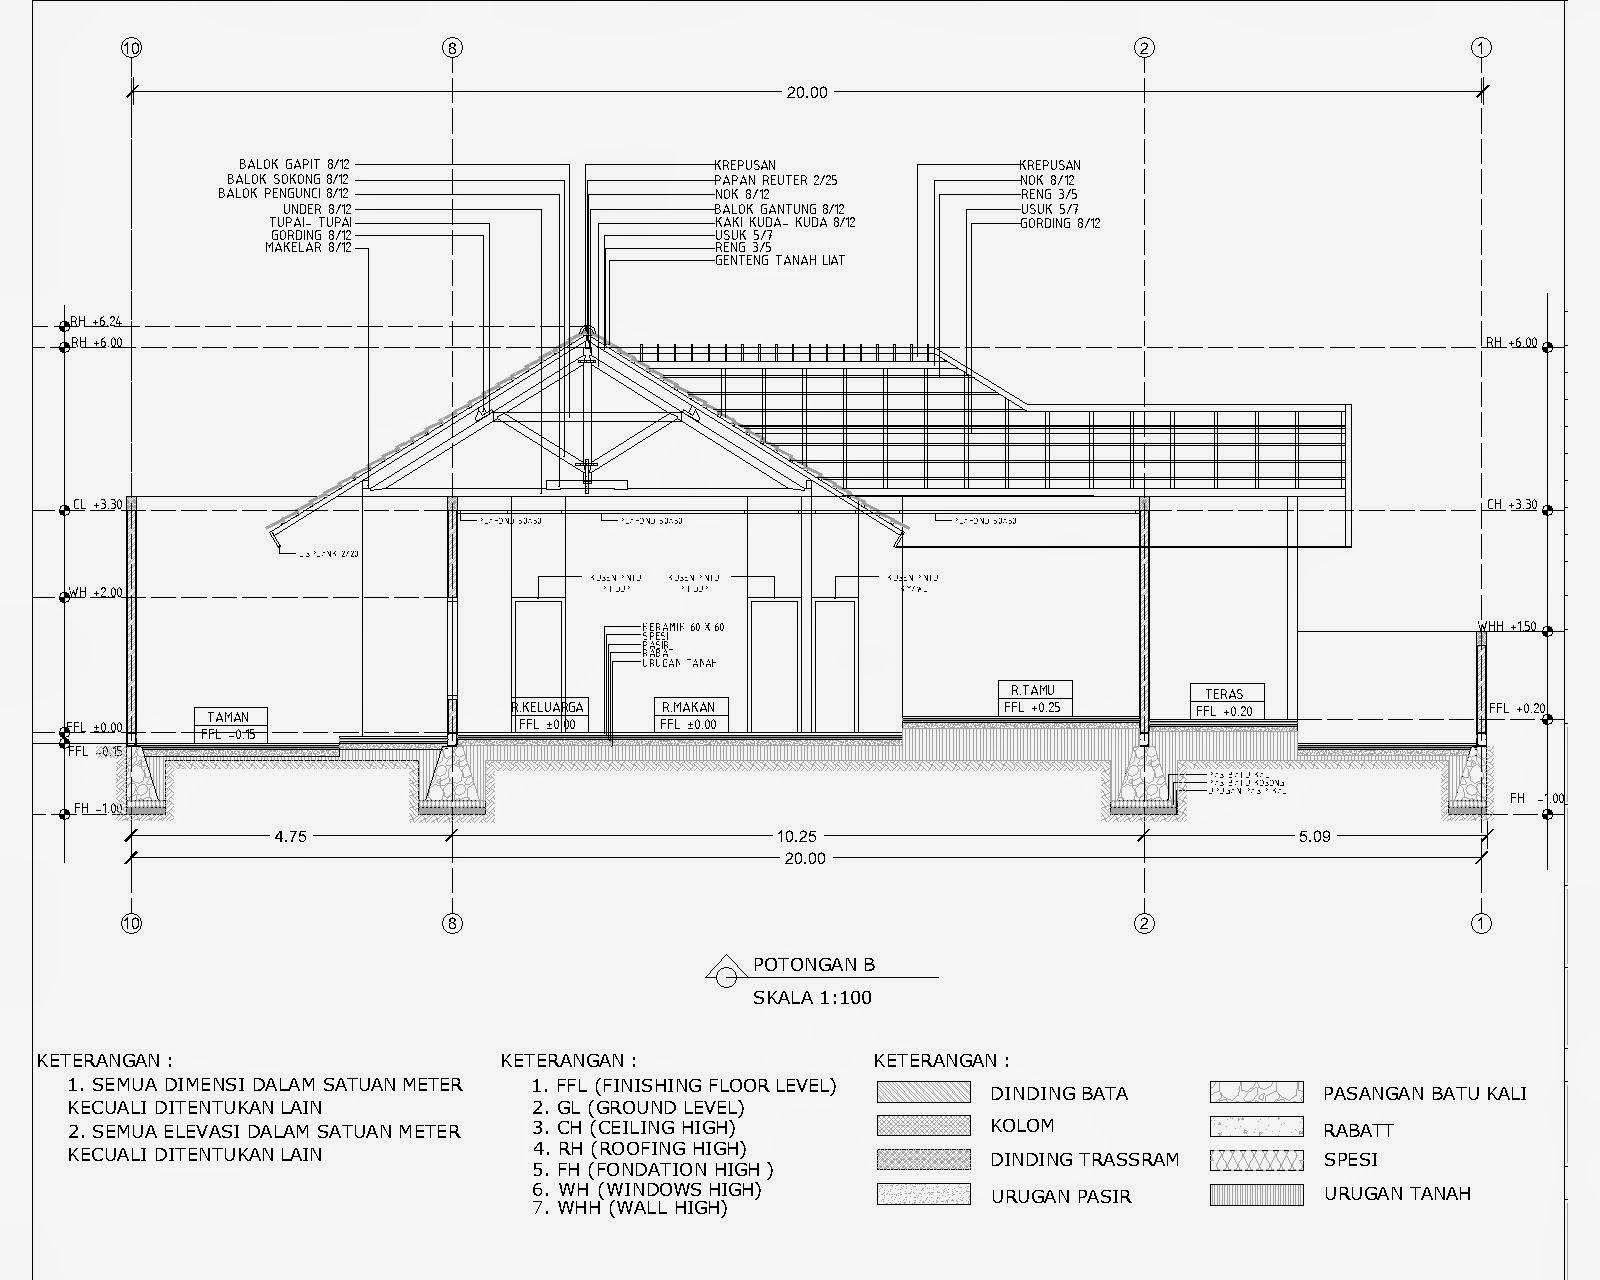 Potongan 8 Jpg 1600 1280 Rumah Minimalis Rumah Desain Rumah